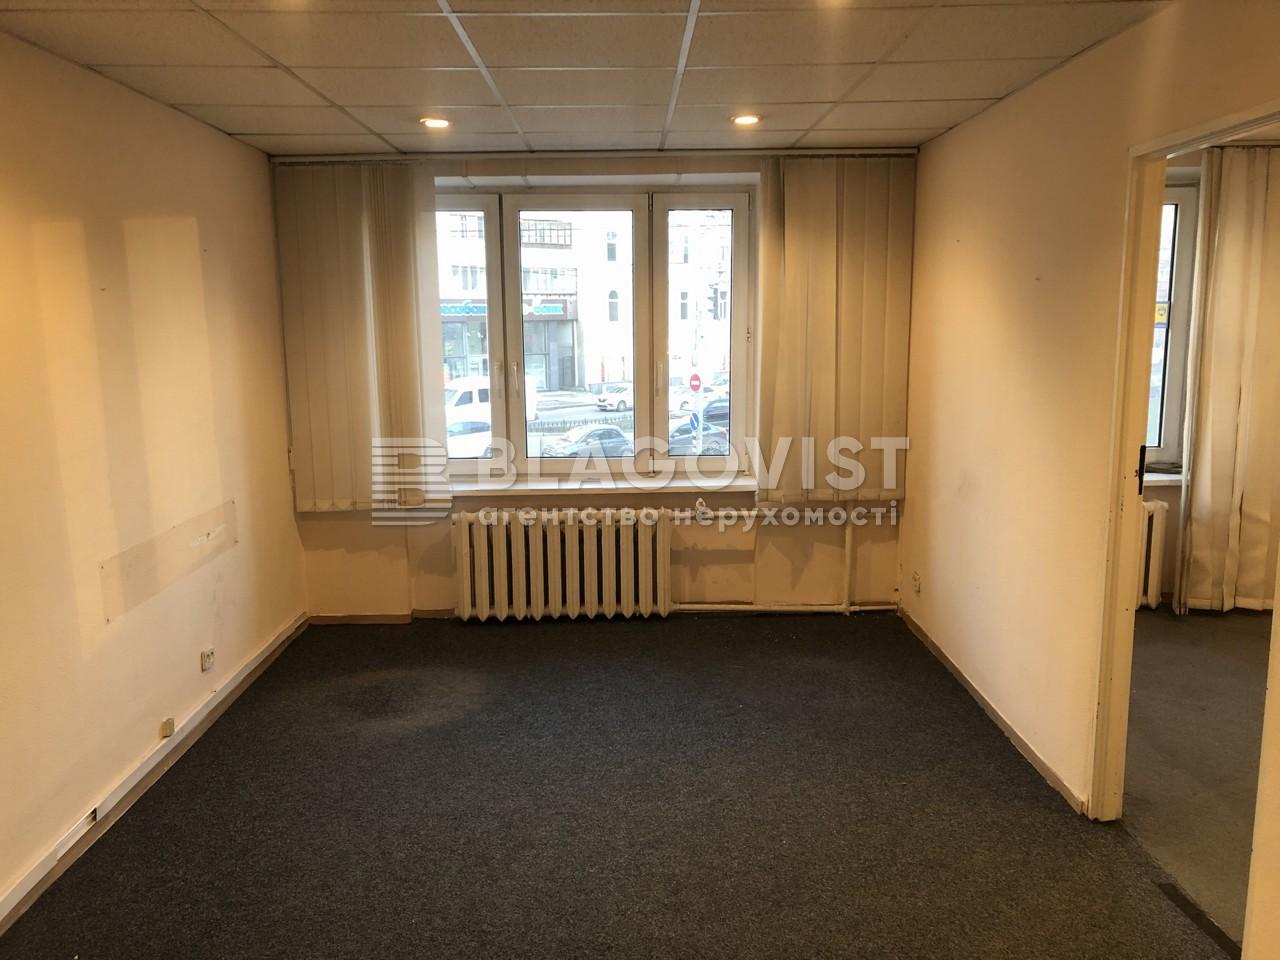 Квартира C-109019, Бассейная, 10, Киев - Фото 6